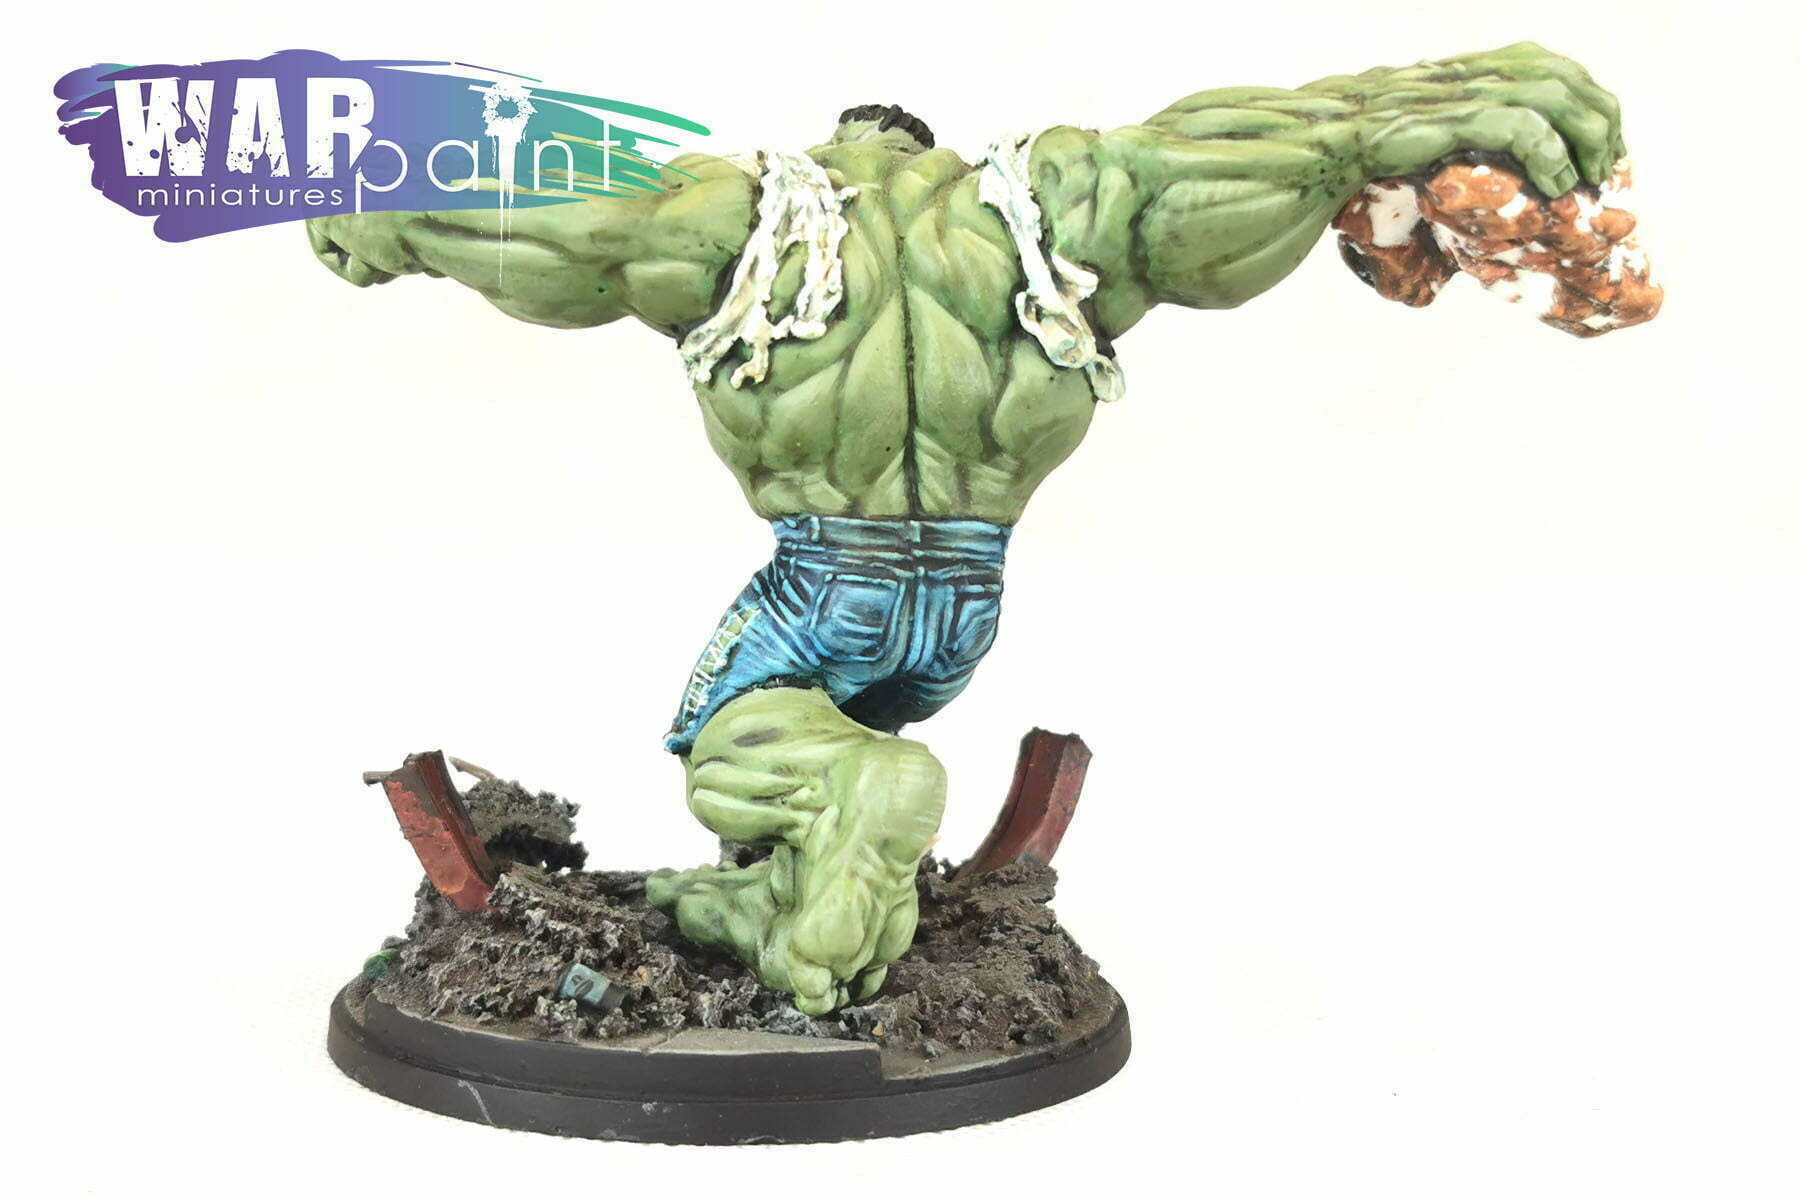 The-Hulk-web-optimised-4